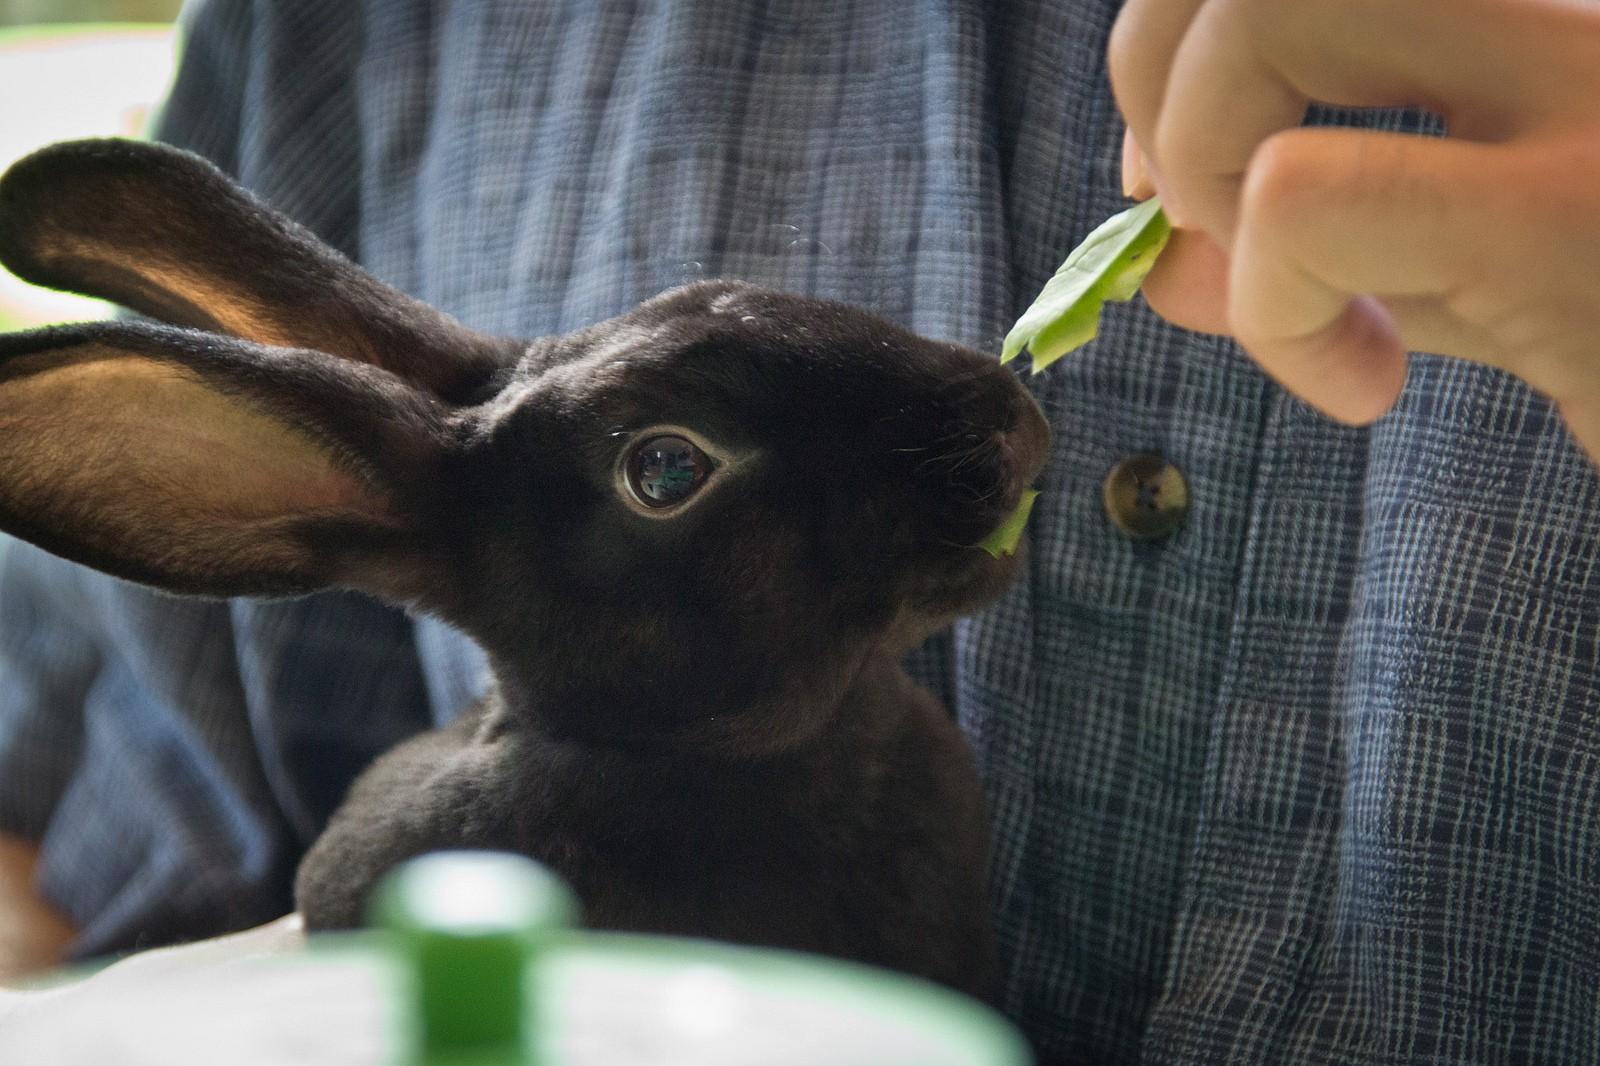 Bunny cafe | © John Gillespie/Flickr